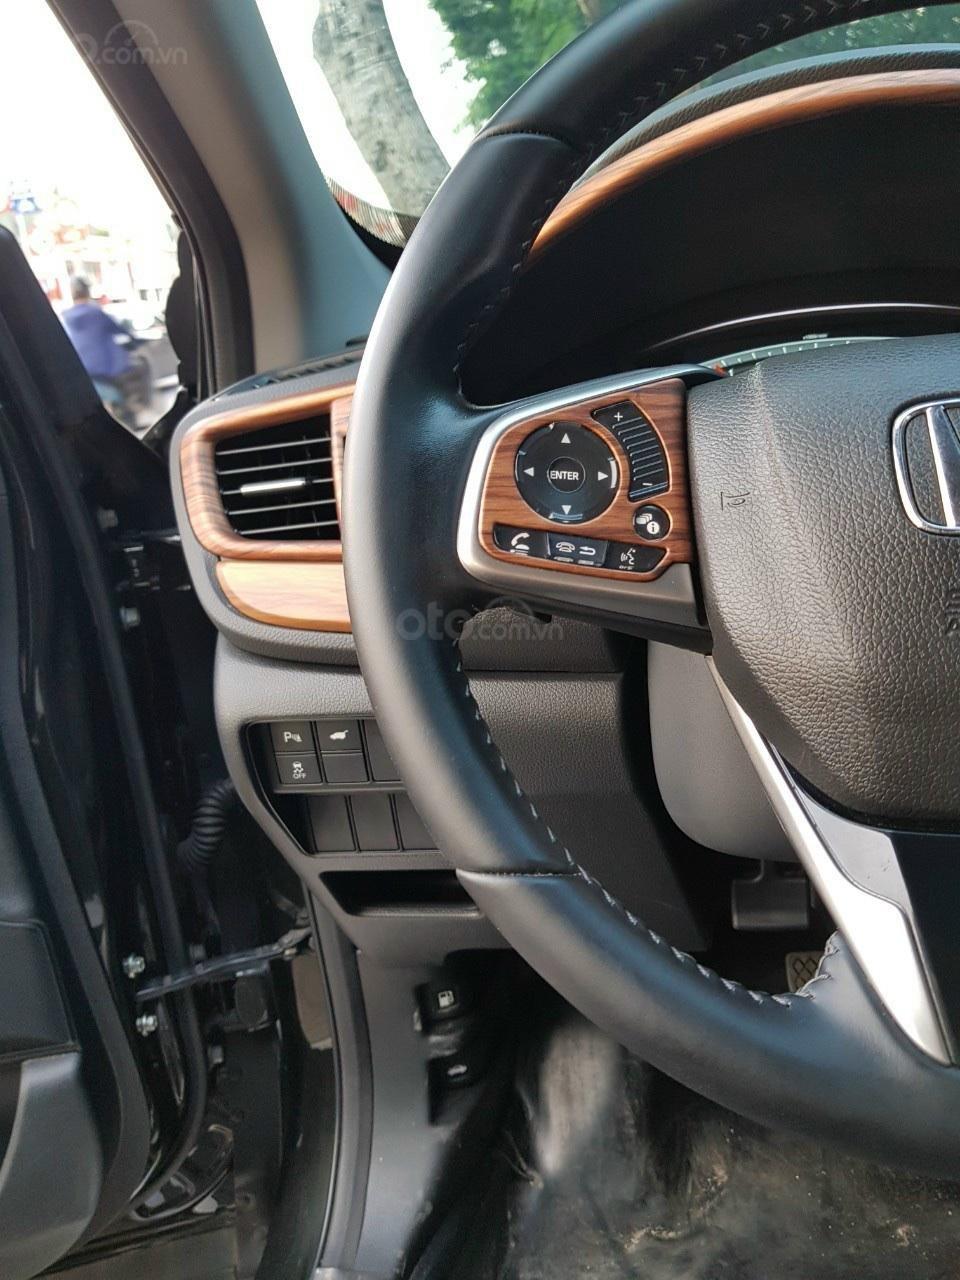 Honda CRV 1.5 Turbo bản L nhập khẩu nguyên chiếc đăng ký 2019, xe tư nhân (9)